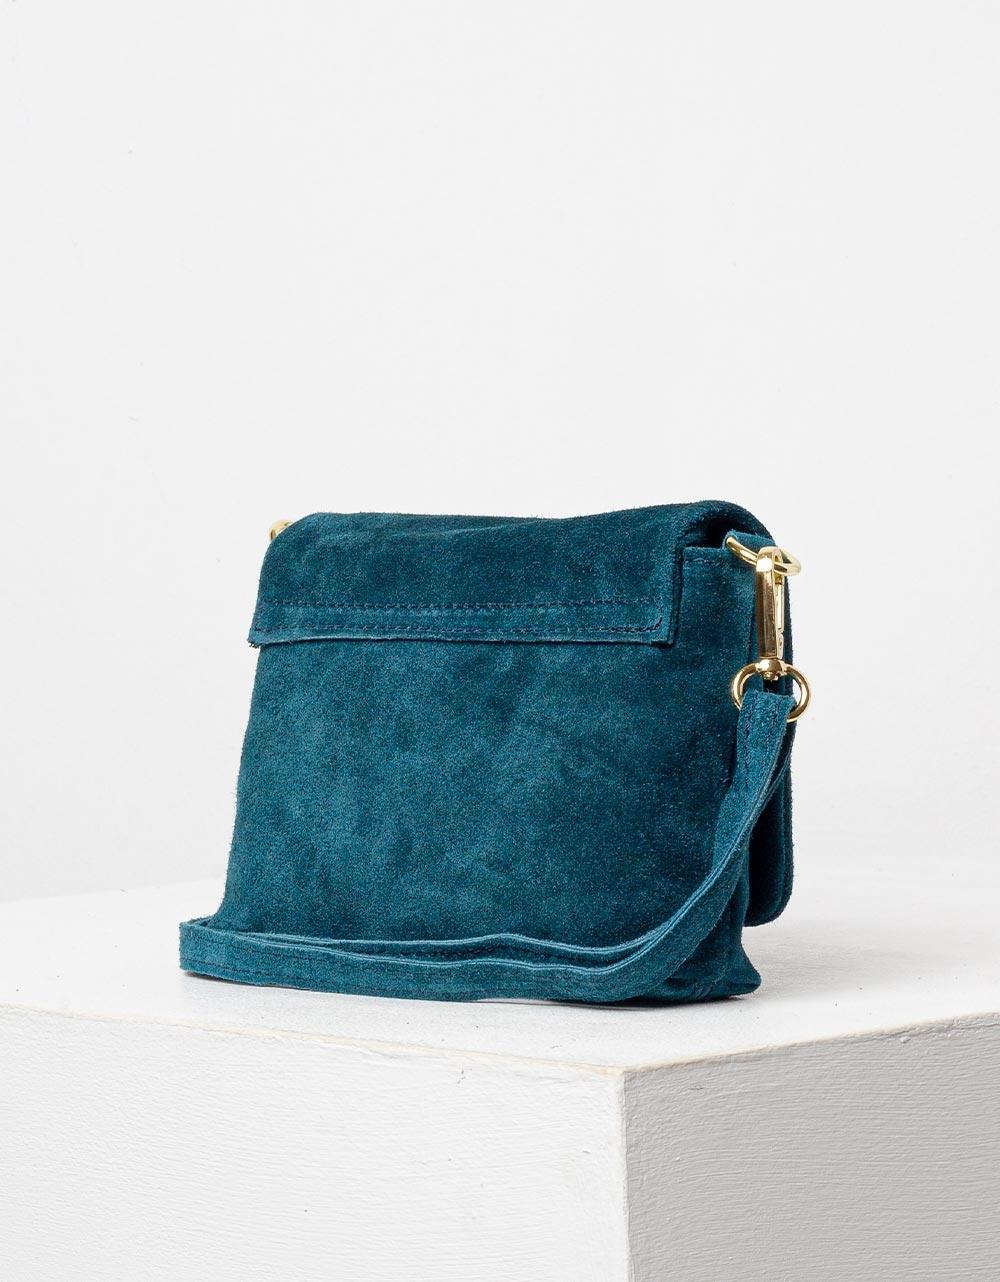 Εικόνα από Γυναικεία τσάντα χιαστί από γνήσιο δέρμα Πετρόλ